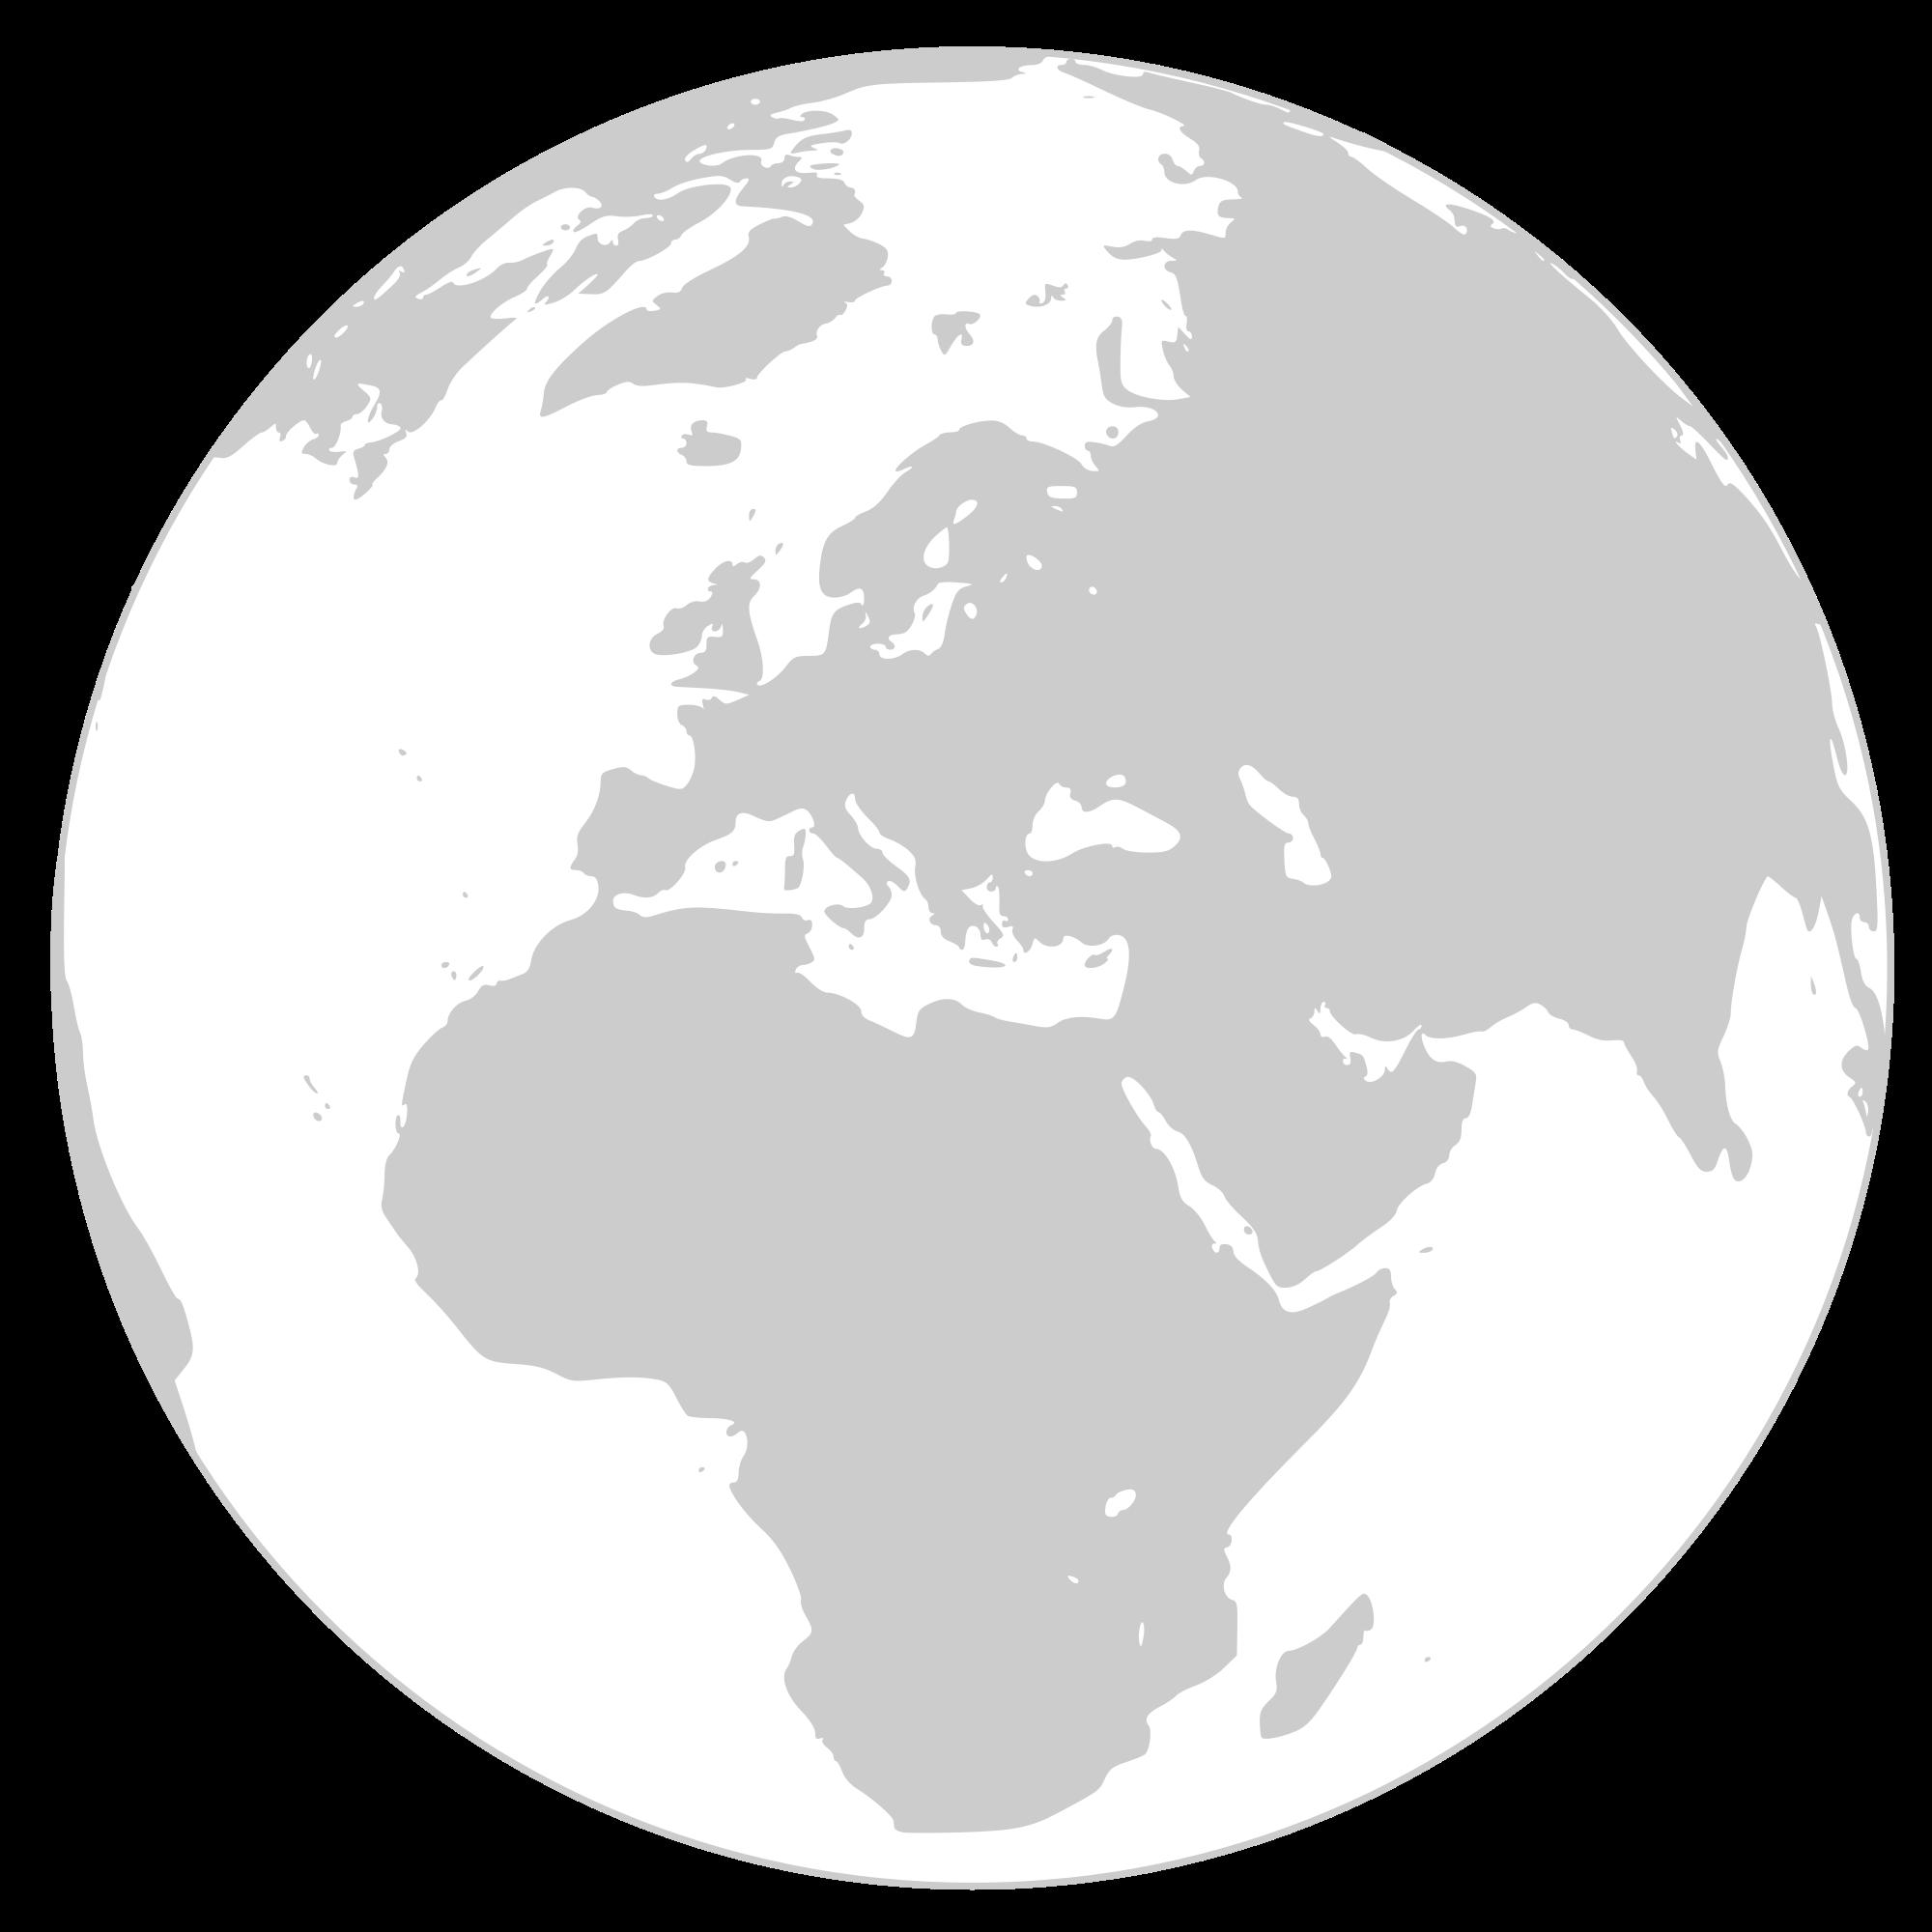 Globe - Cliparts.co